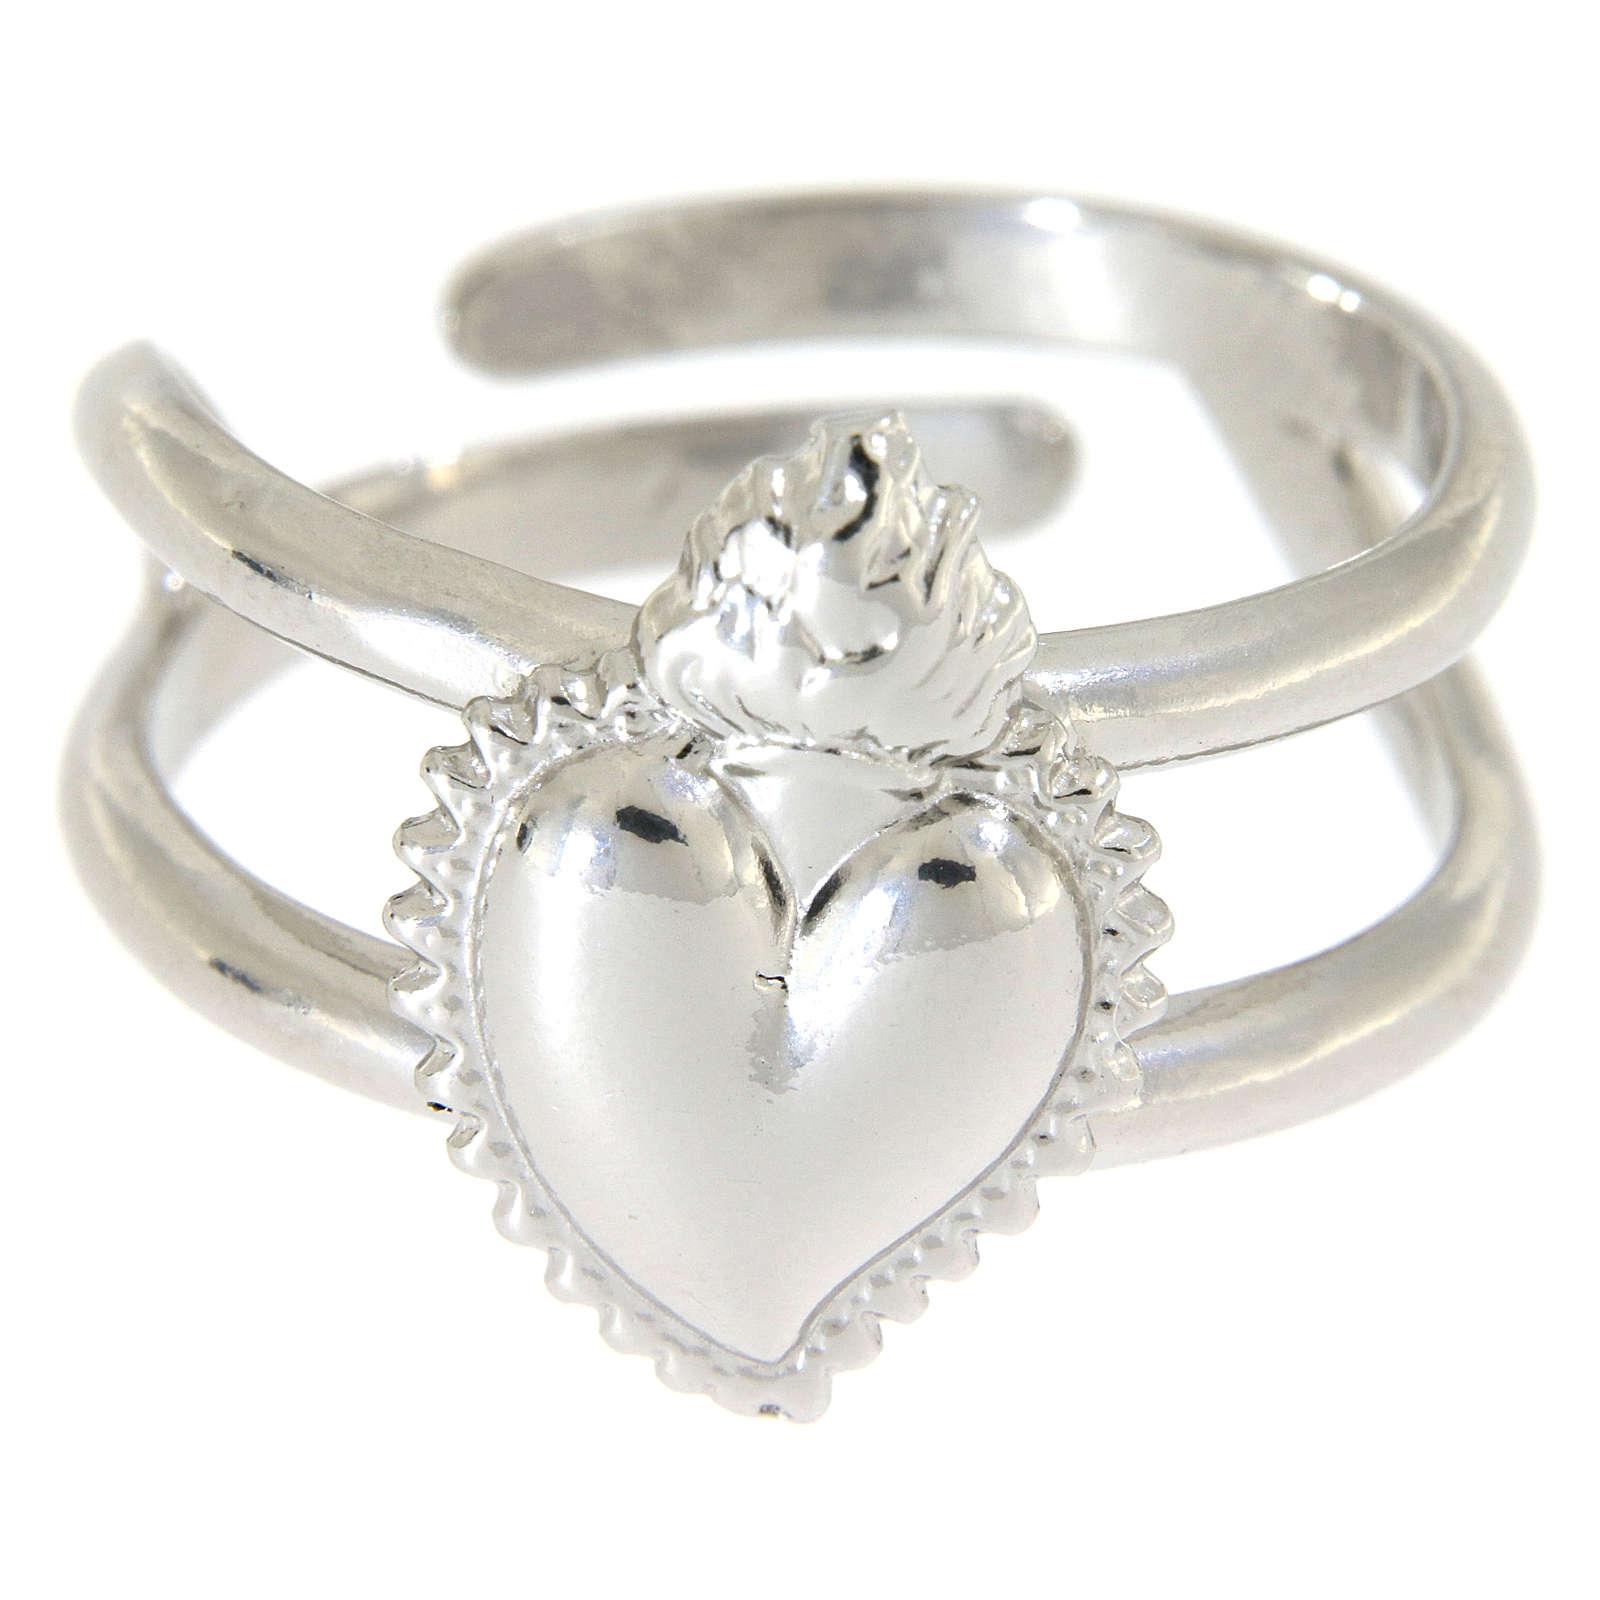 Anillo ajustable de plata 925 con corazón votivo lleno 3